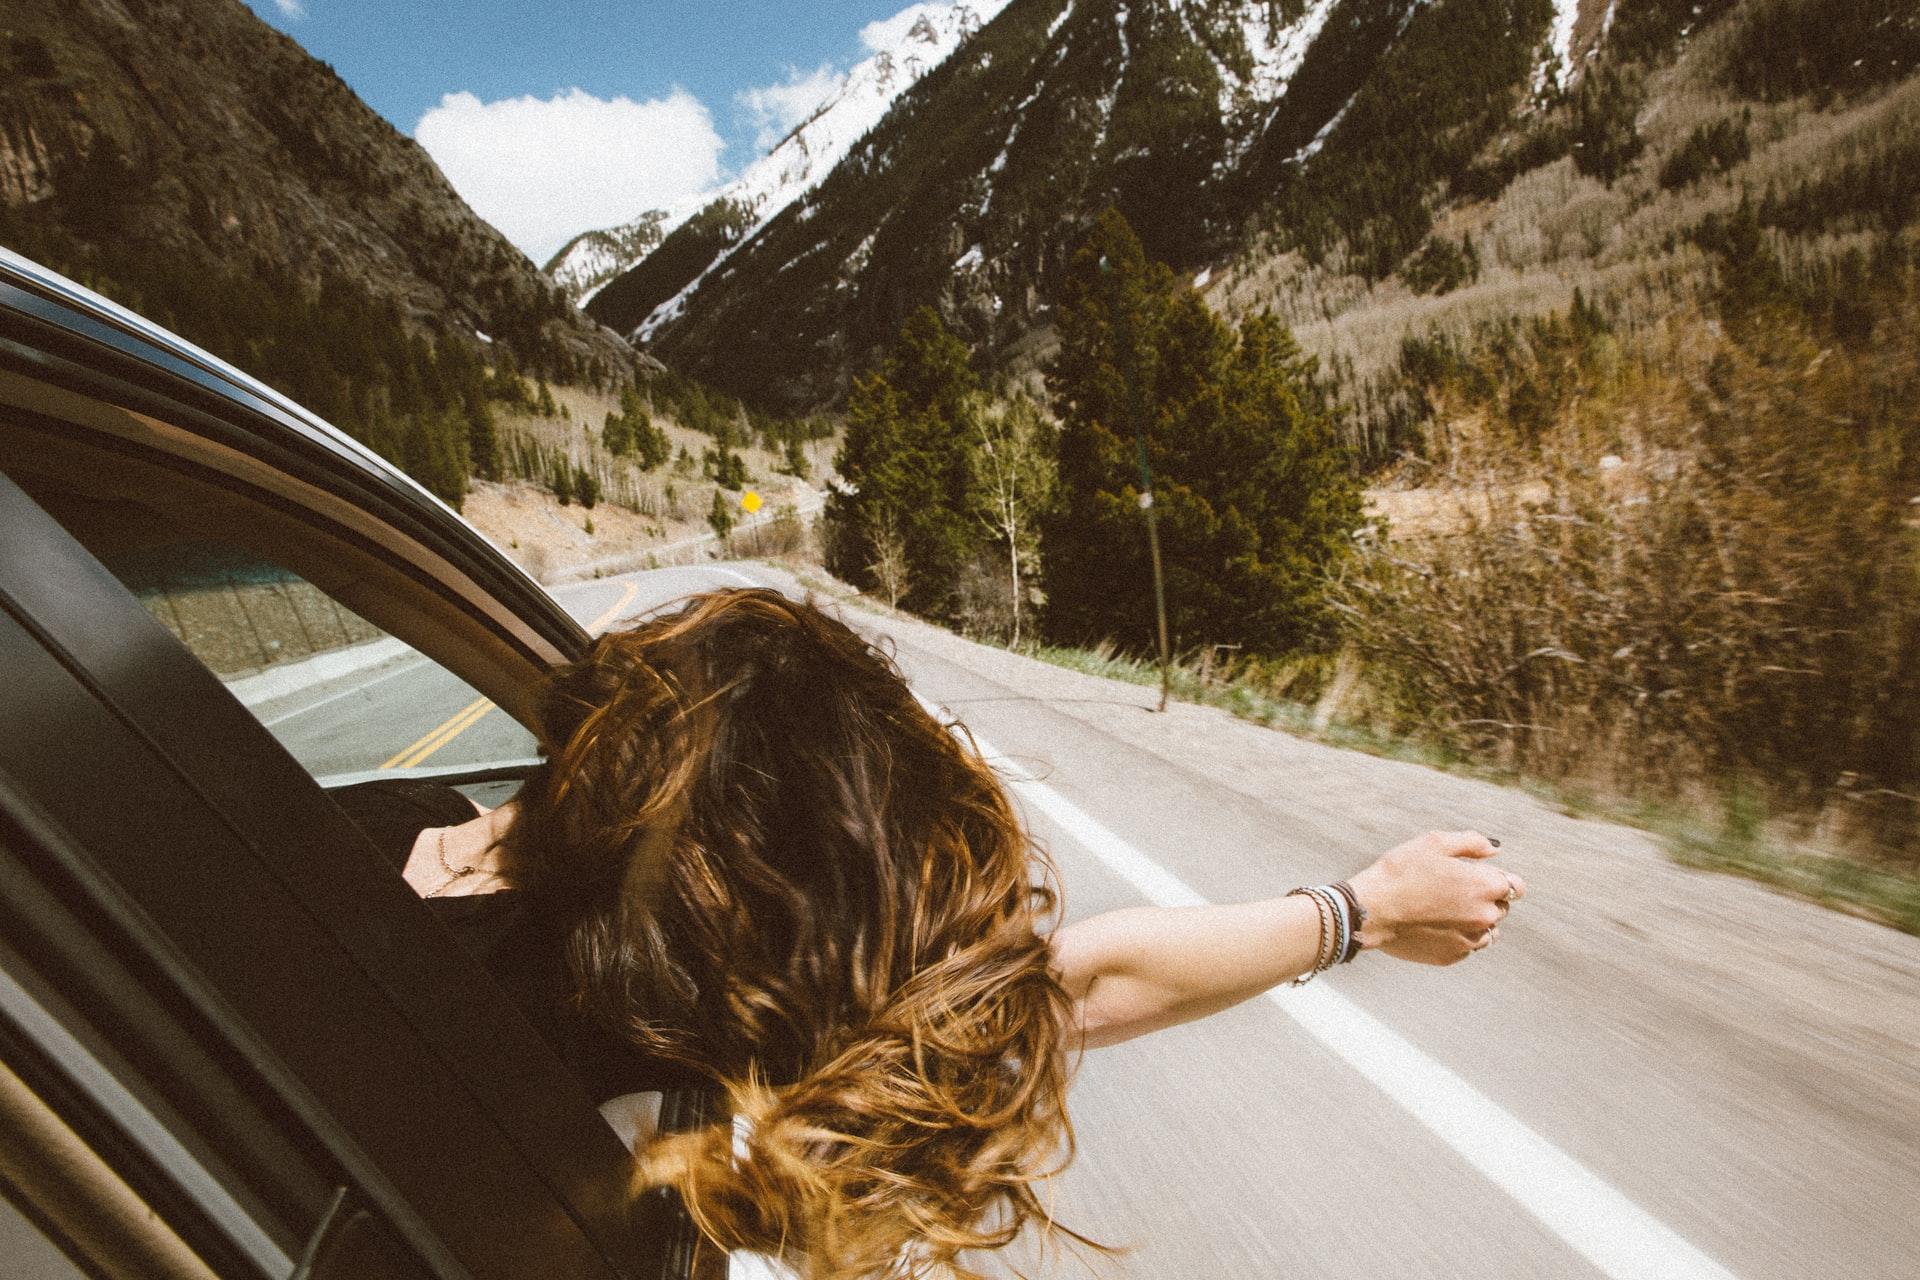 Comment occuper ses enfants pendant un voyage en voiture ?